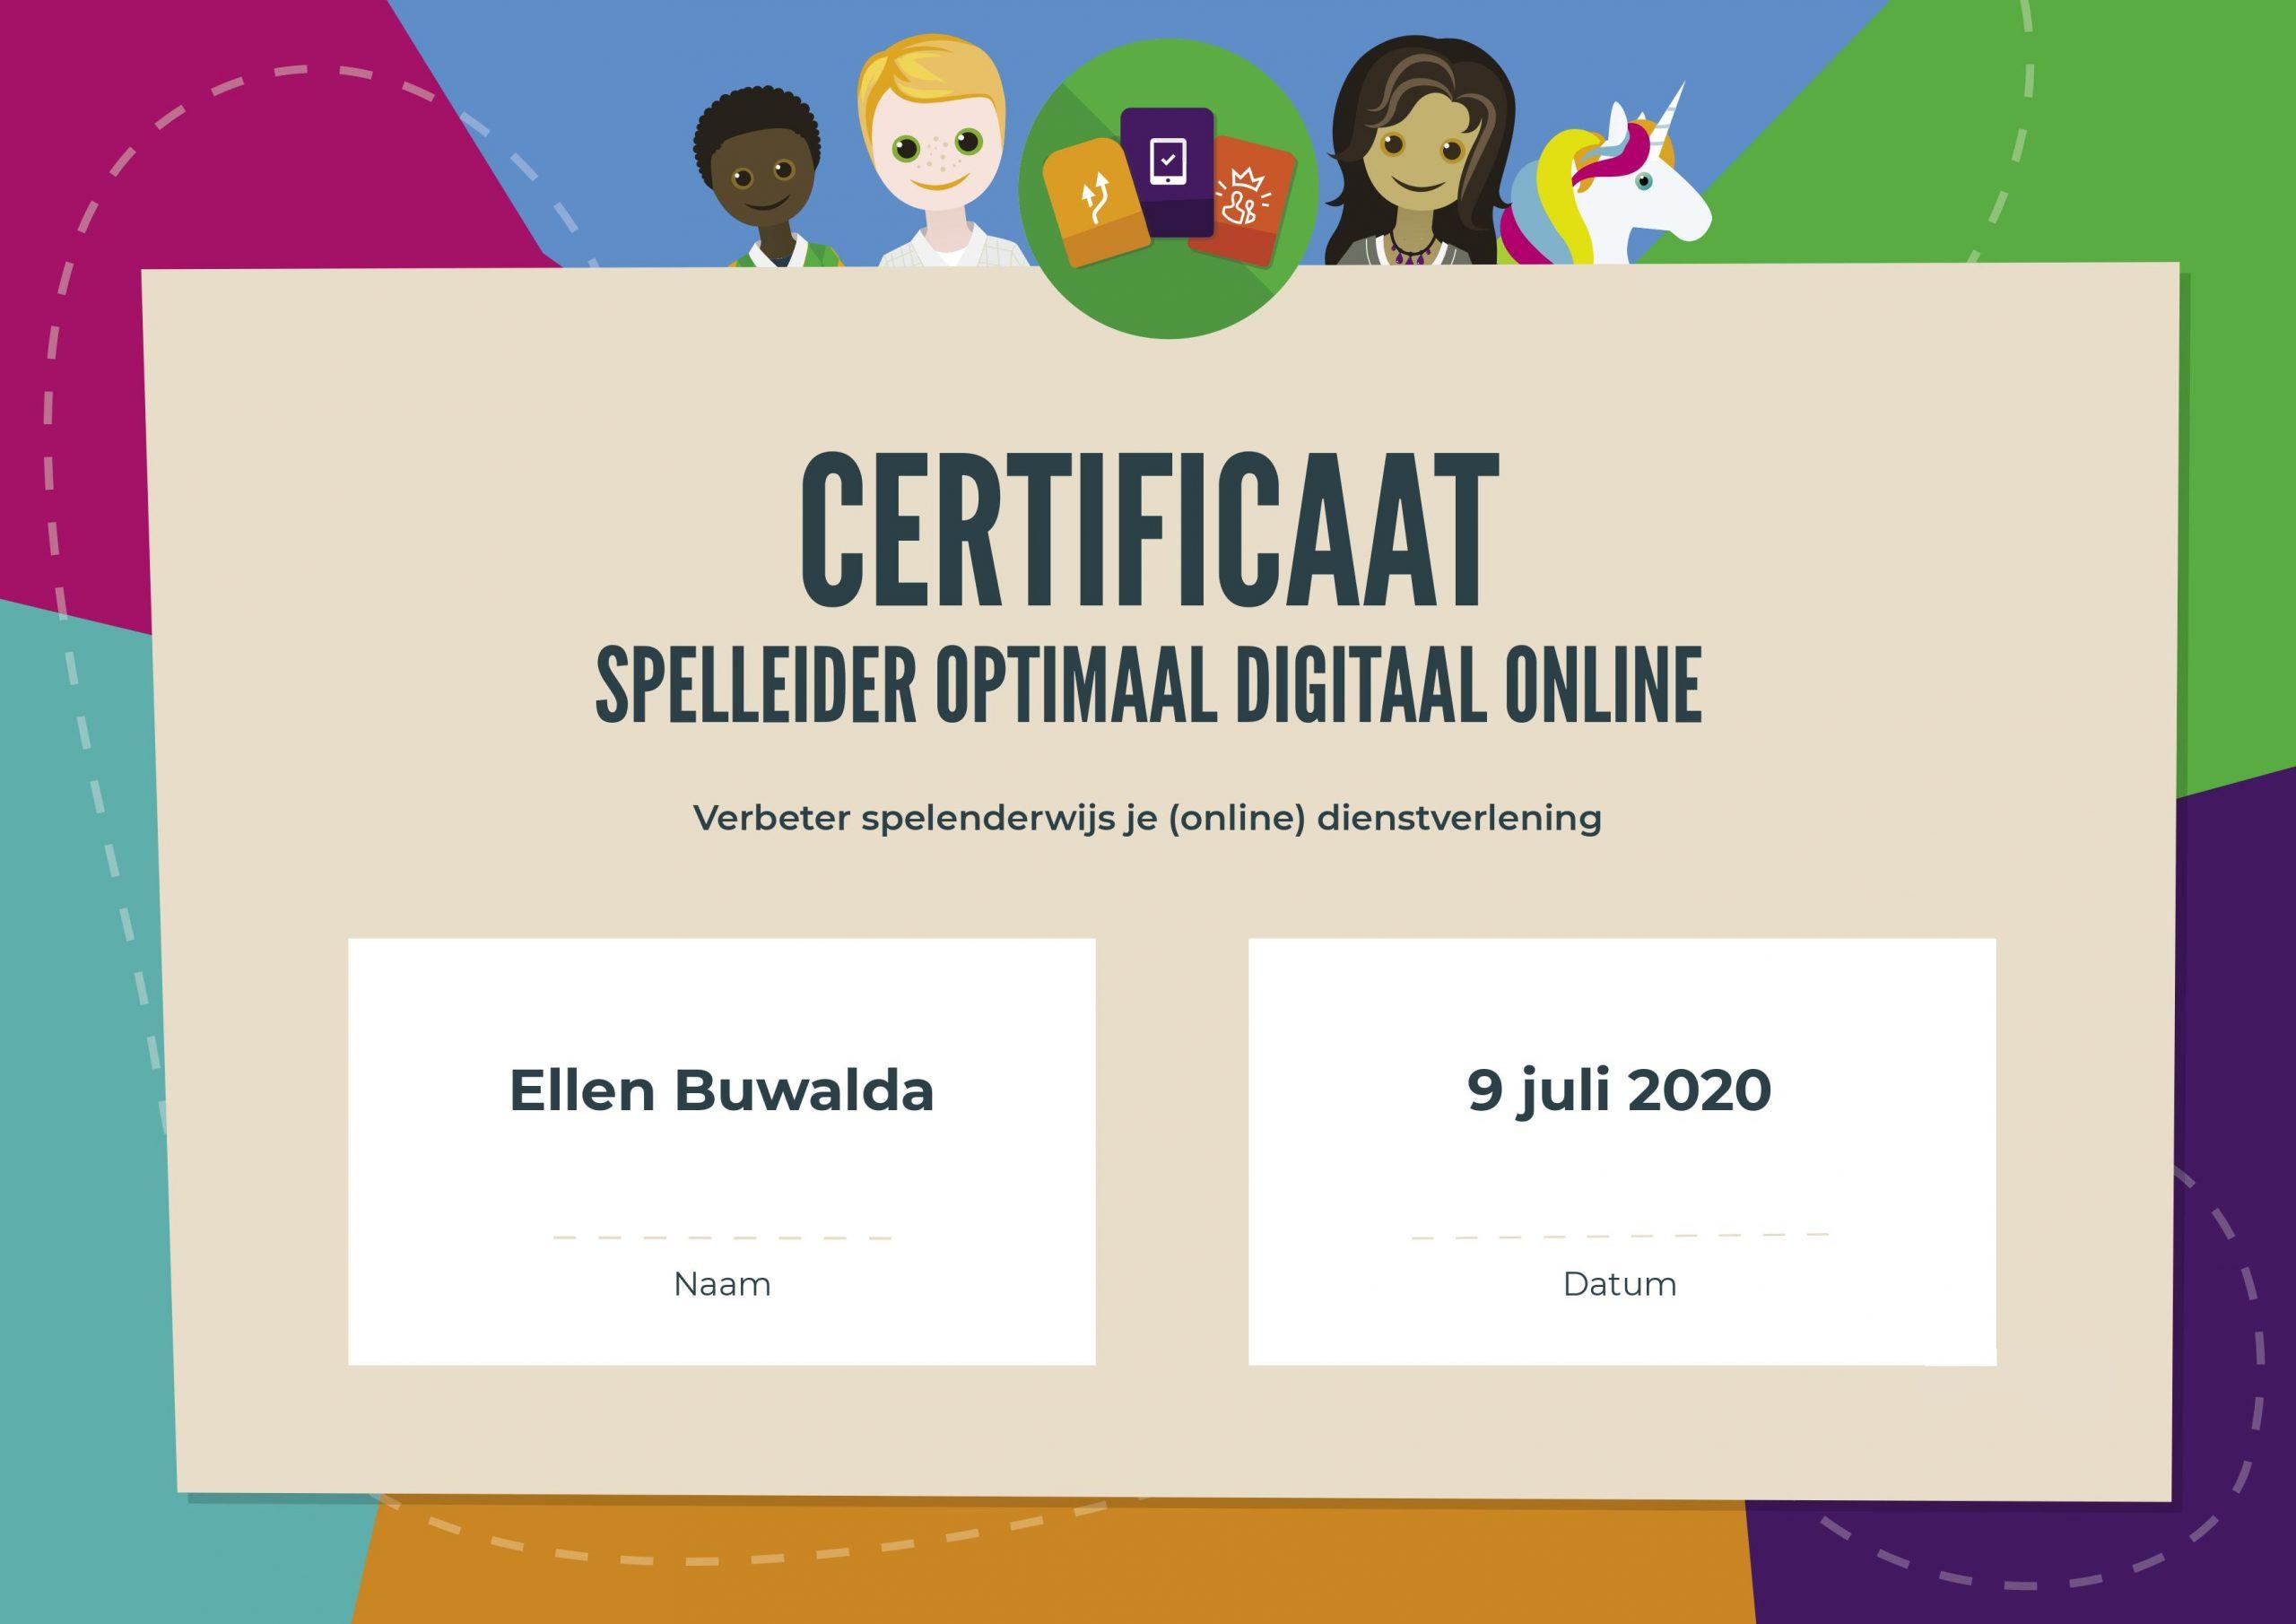 Certificaat spelleider optimaal digitaal online